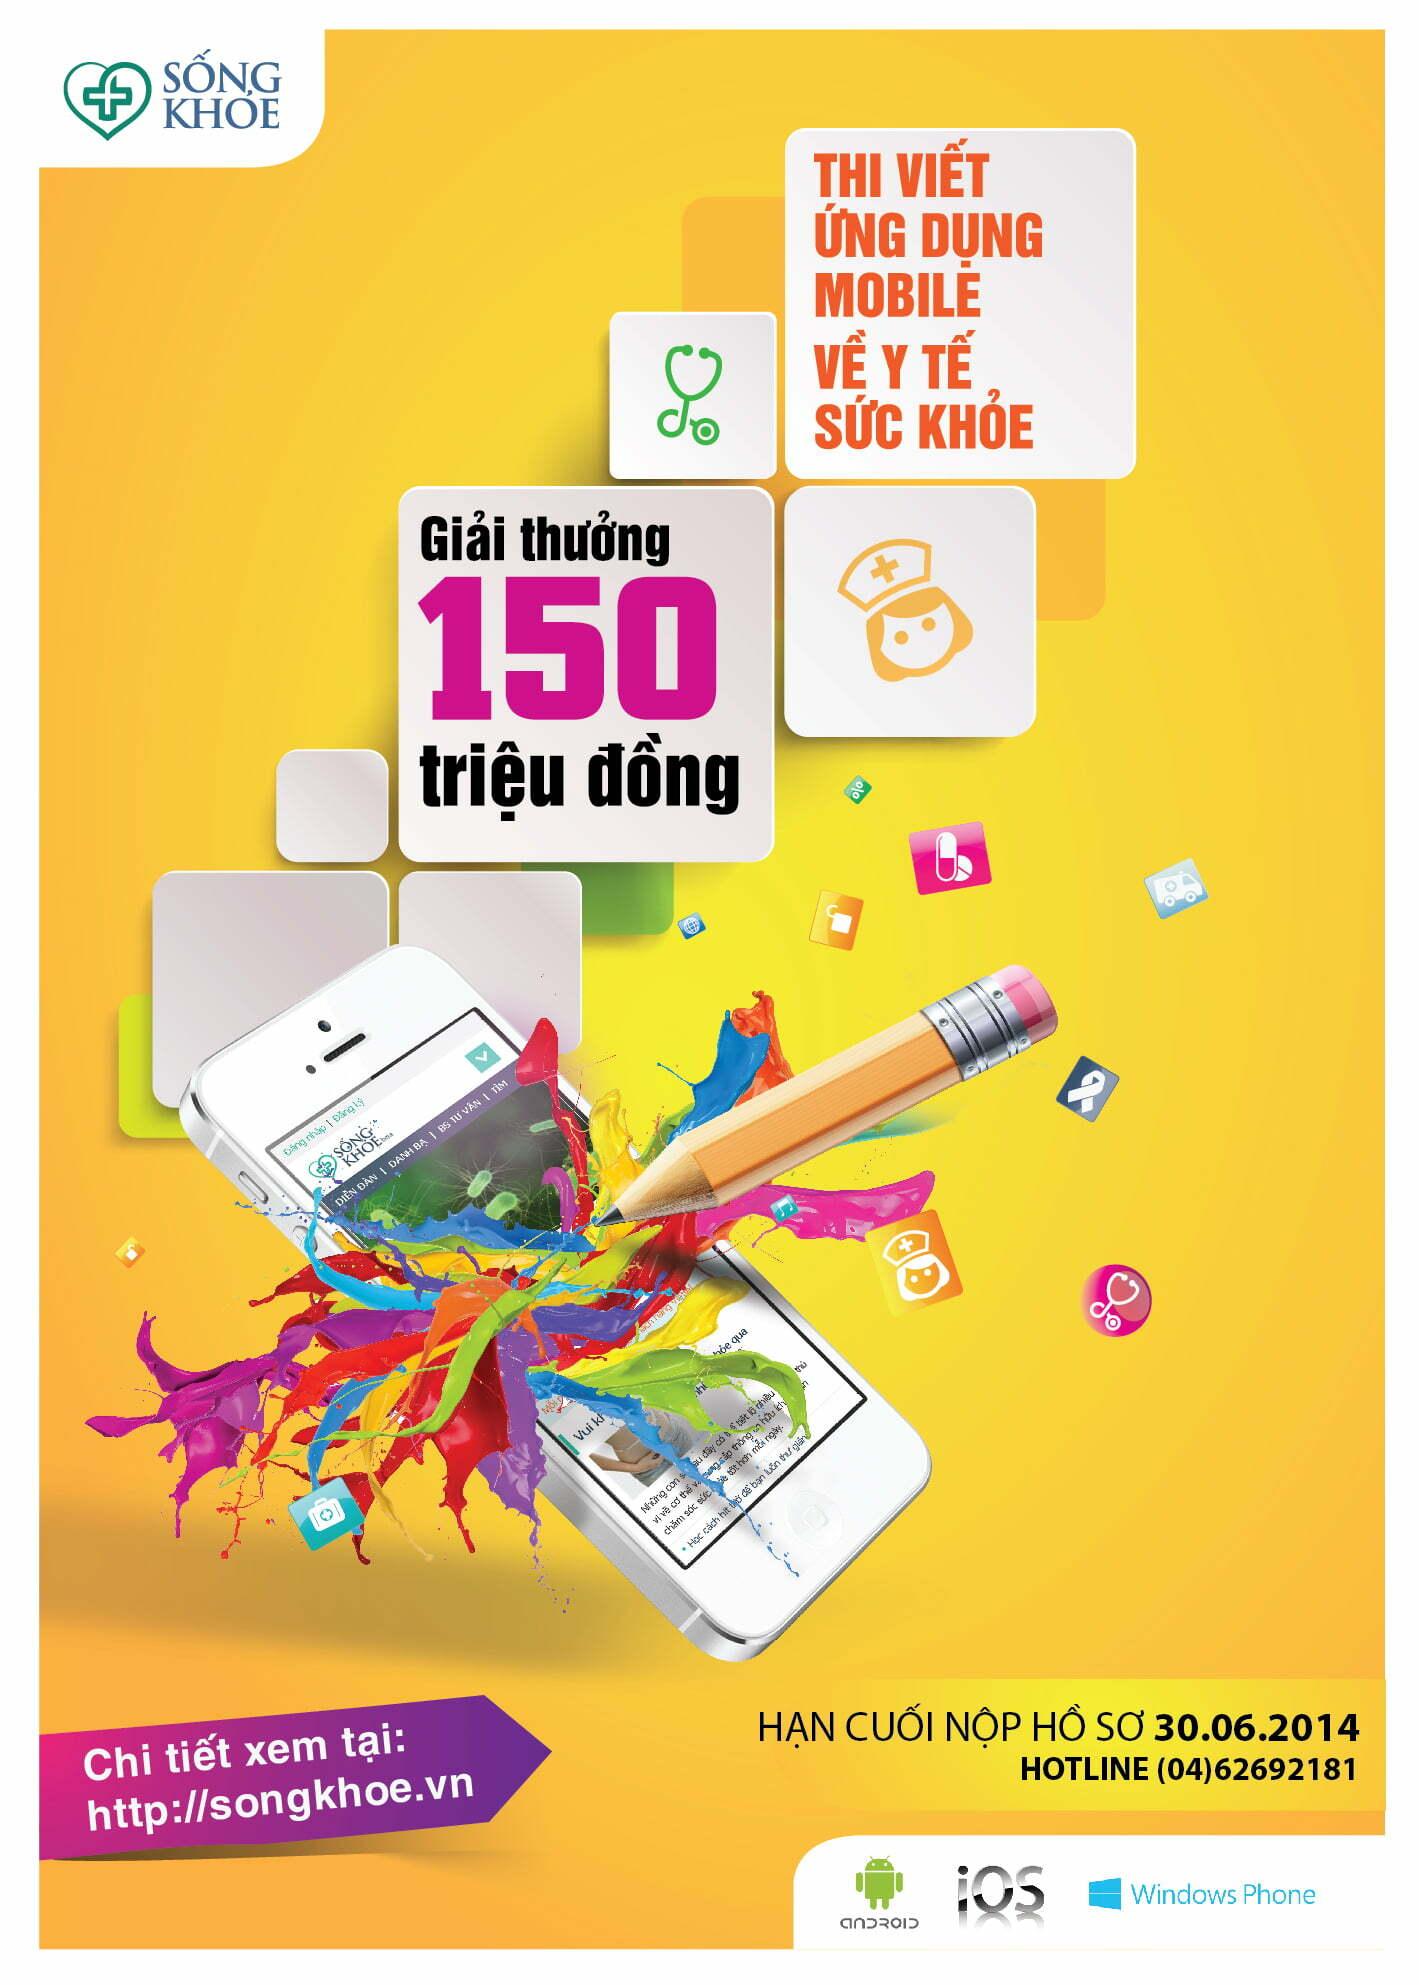 """Cuộc thi """"Viết ứng dụng mobile về Y tế sức khỏe"""" dành cho Lập trình viên-1"""